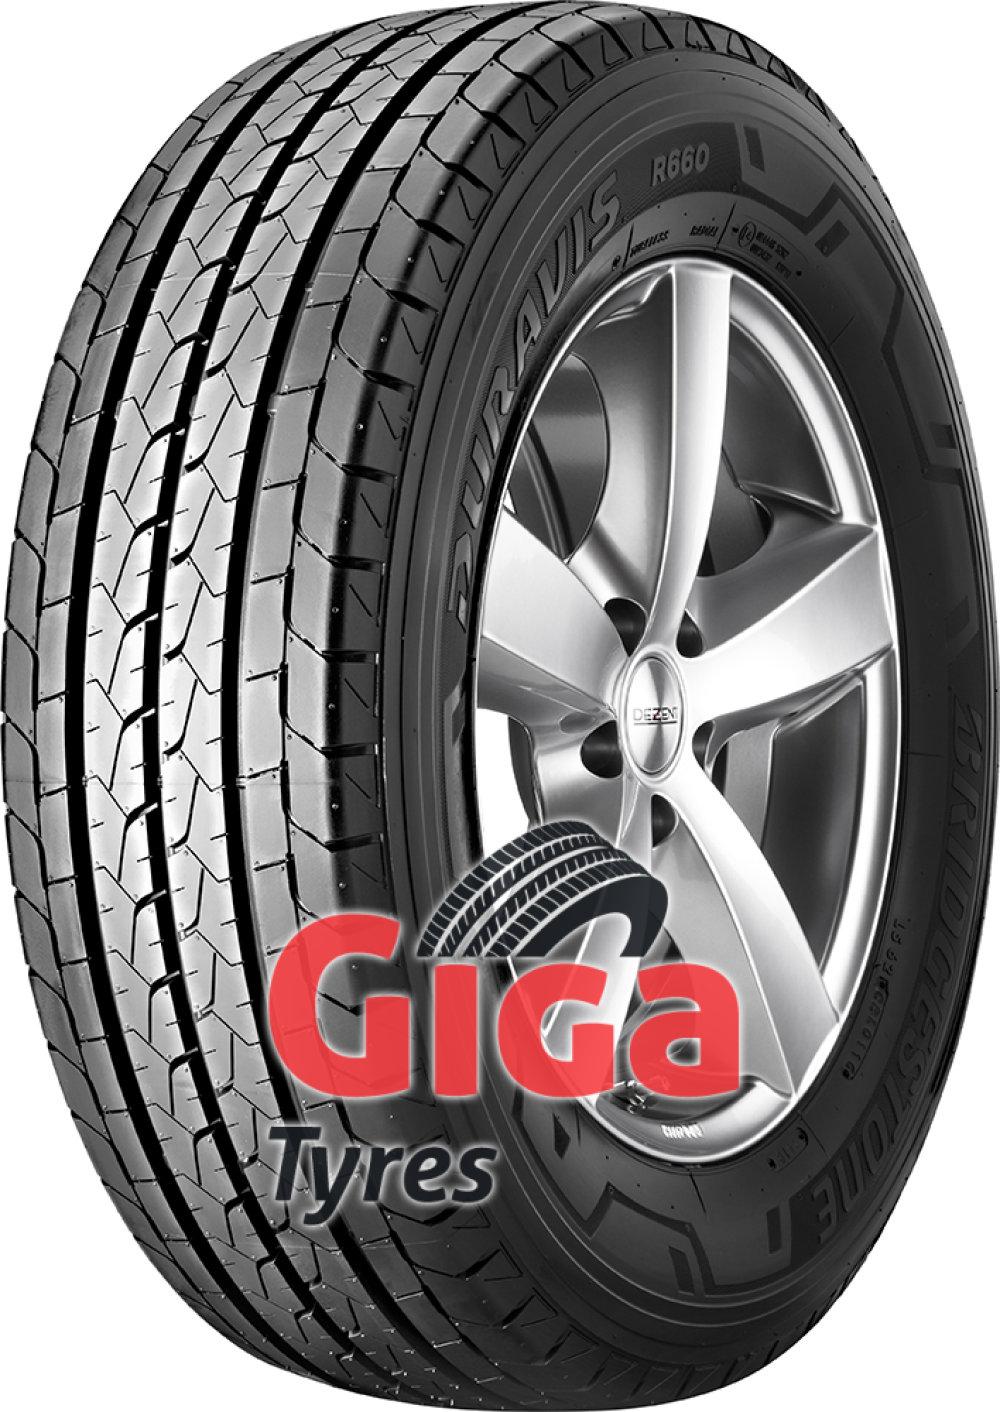 Bridgestone Duravis R660 ( 215/65 R16C 109/107T )